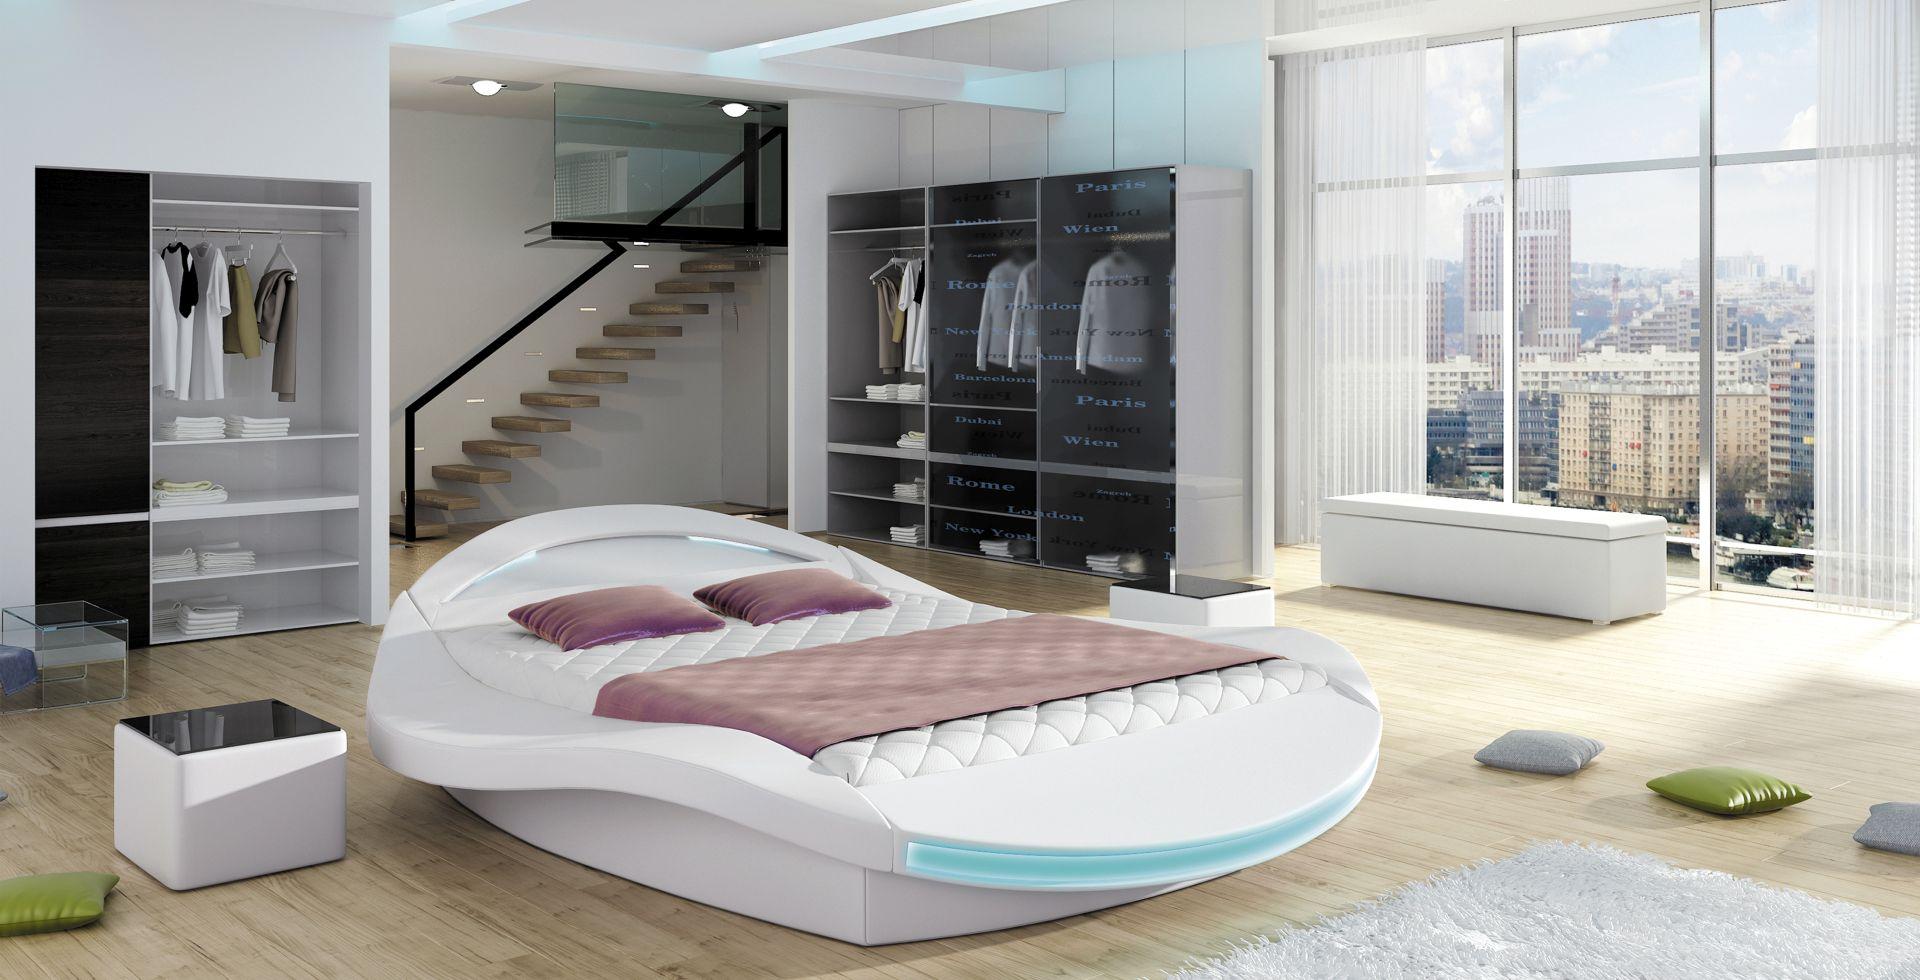 Wersal Manželská posteľ Ferro rozmer: 140 x 200 cm